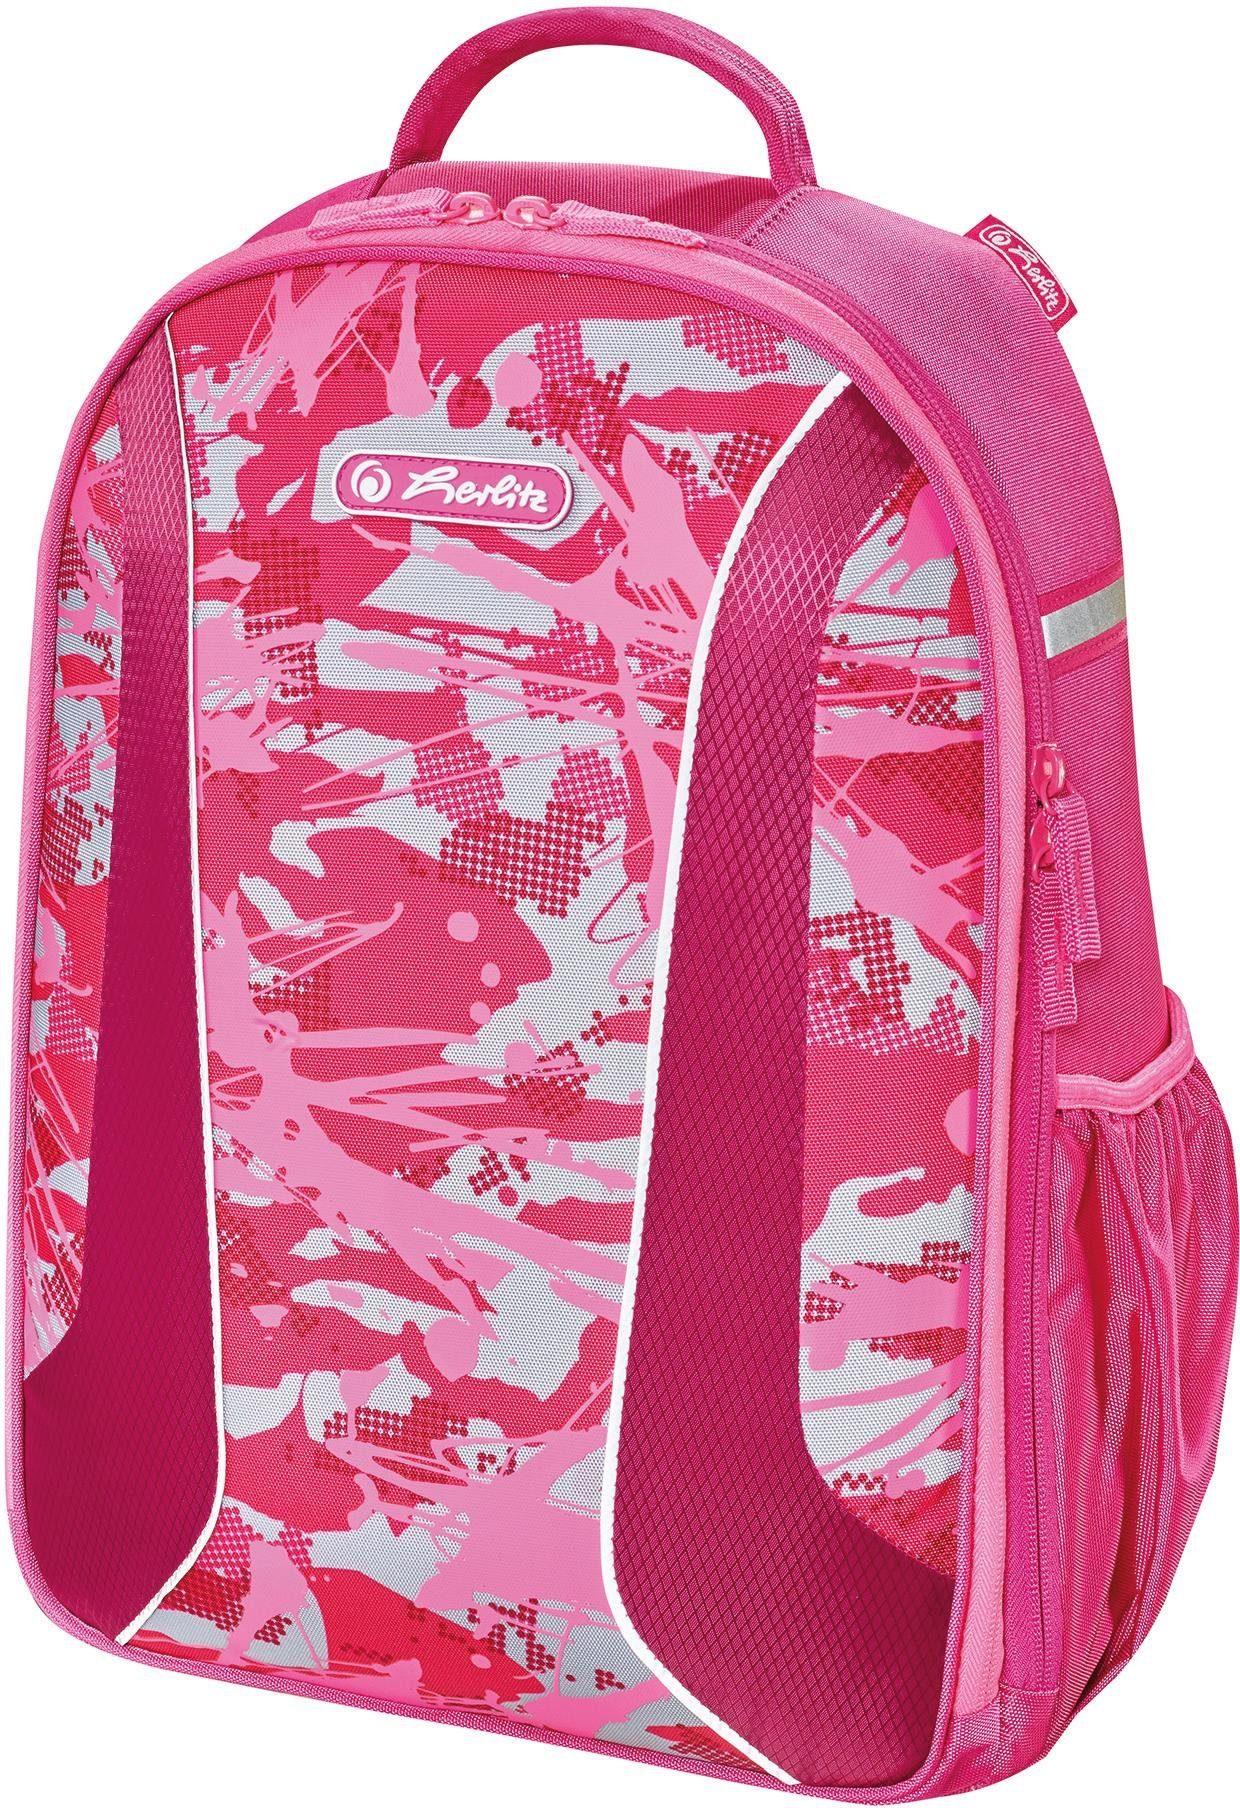 Herlitz Schulrucksack, »airgo, Camouflage Pink«